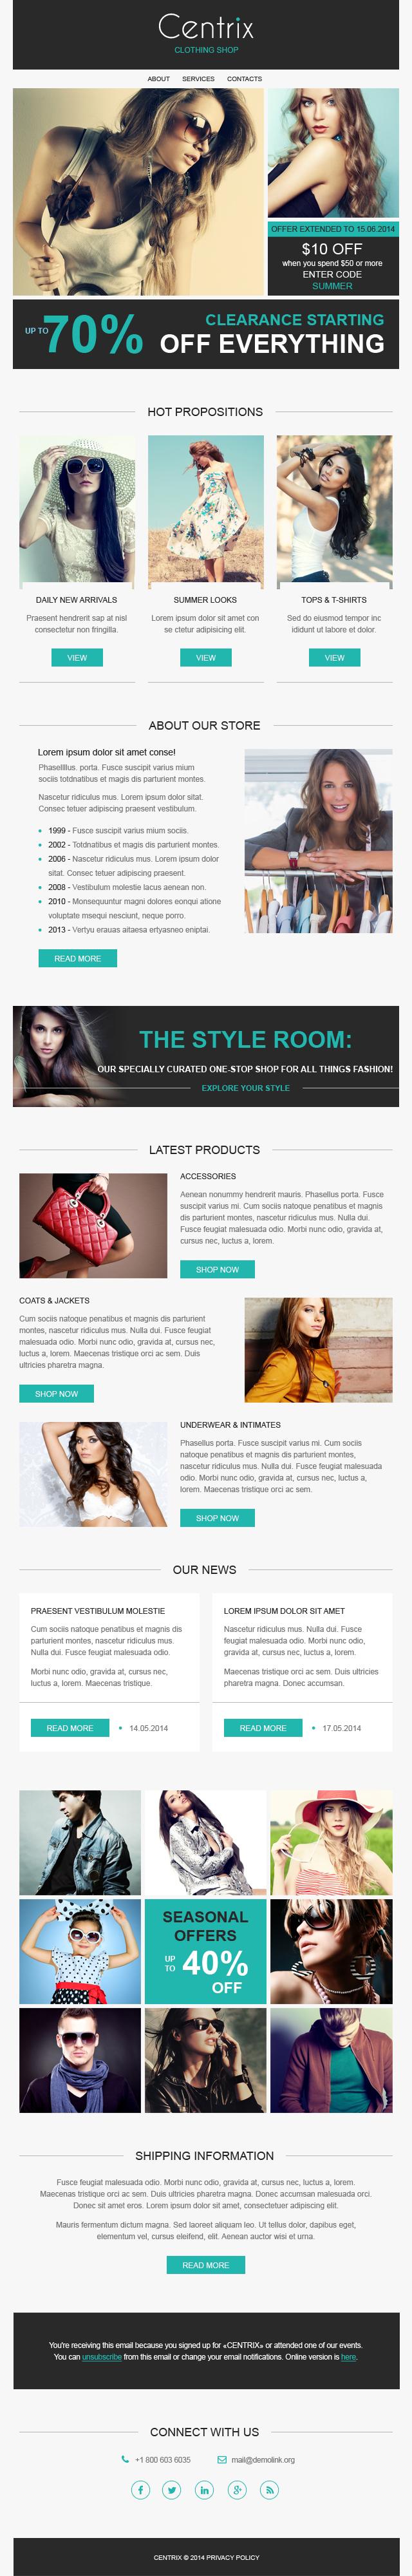 Адаптивний Шаблон E-mail розсилки на тему мода №50929 - скріншот